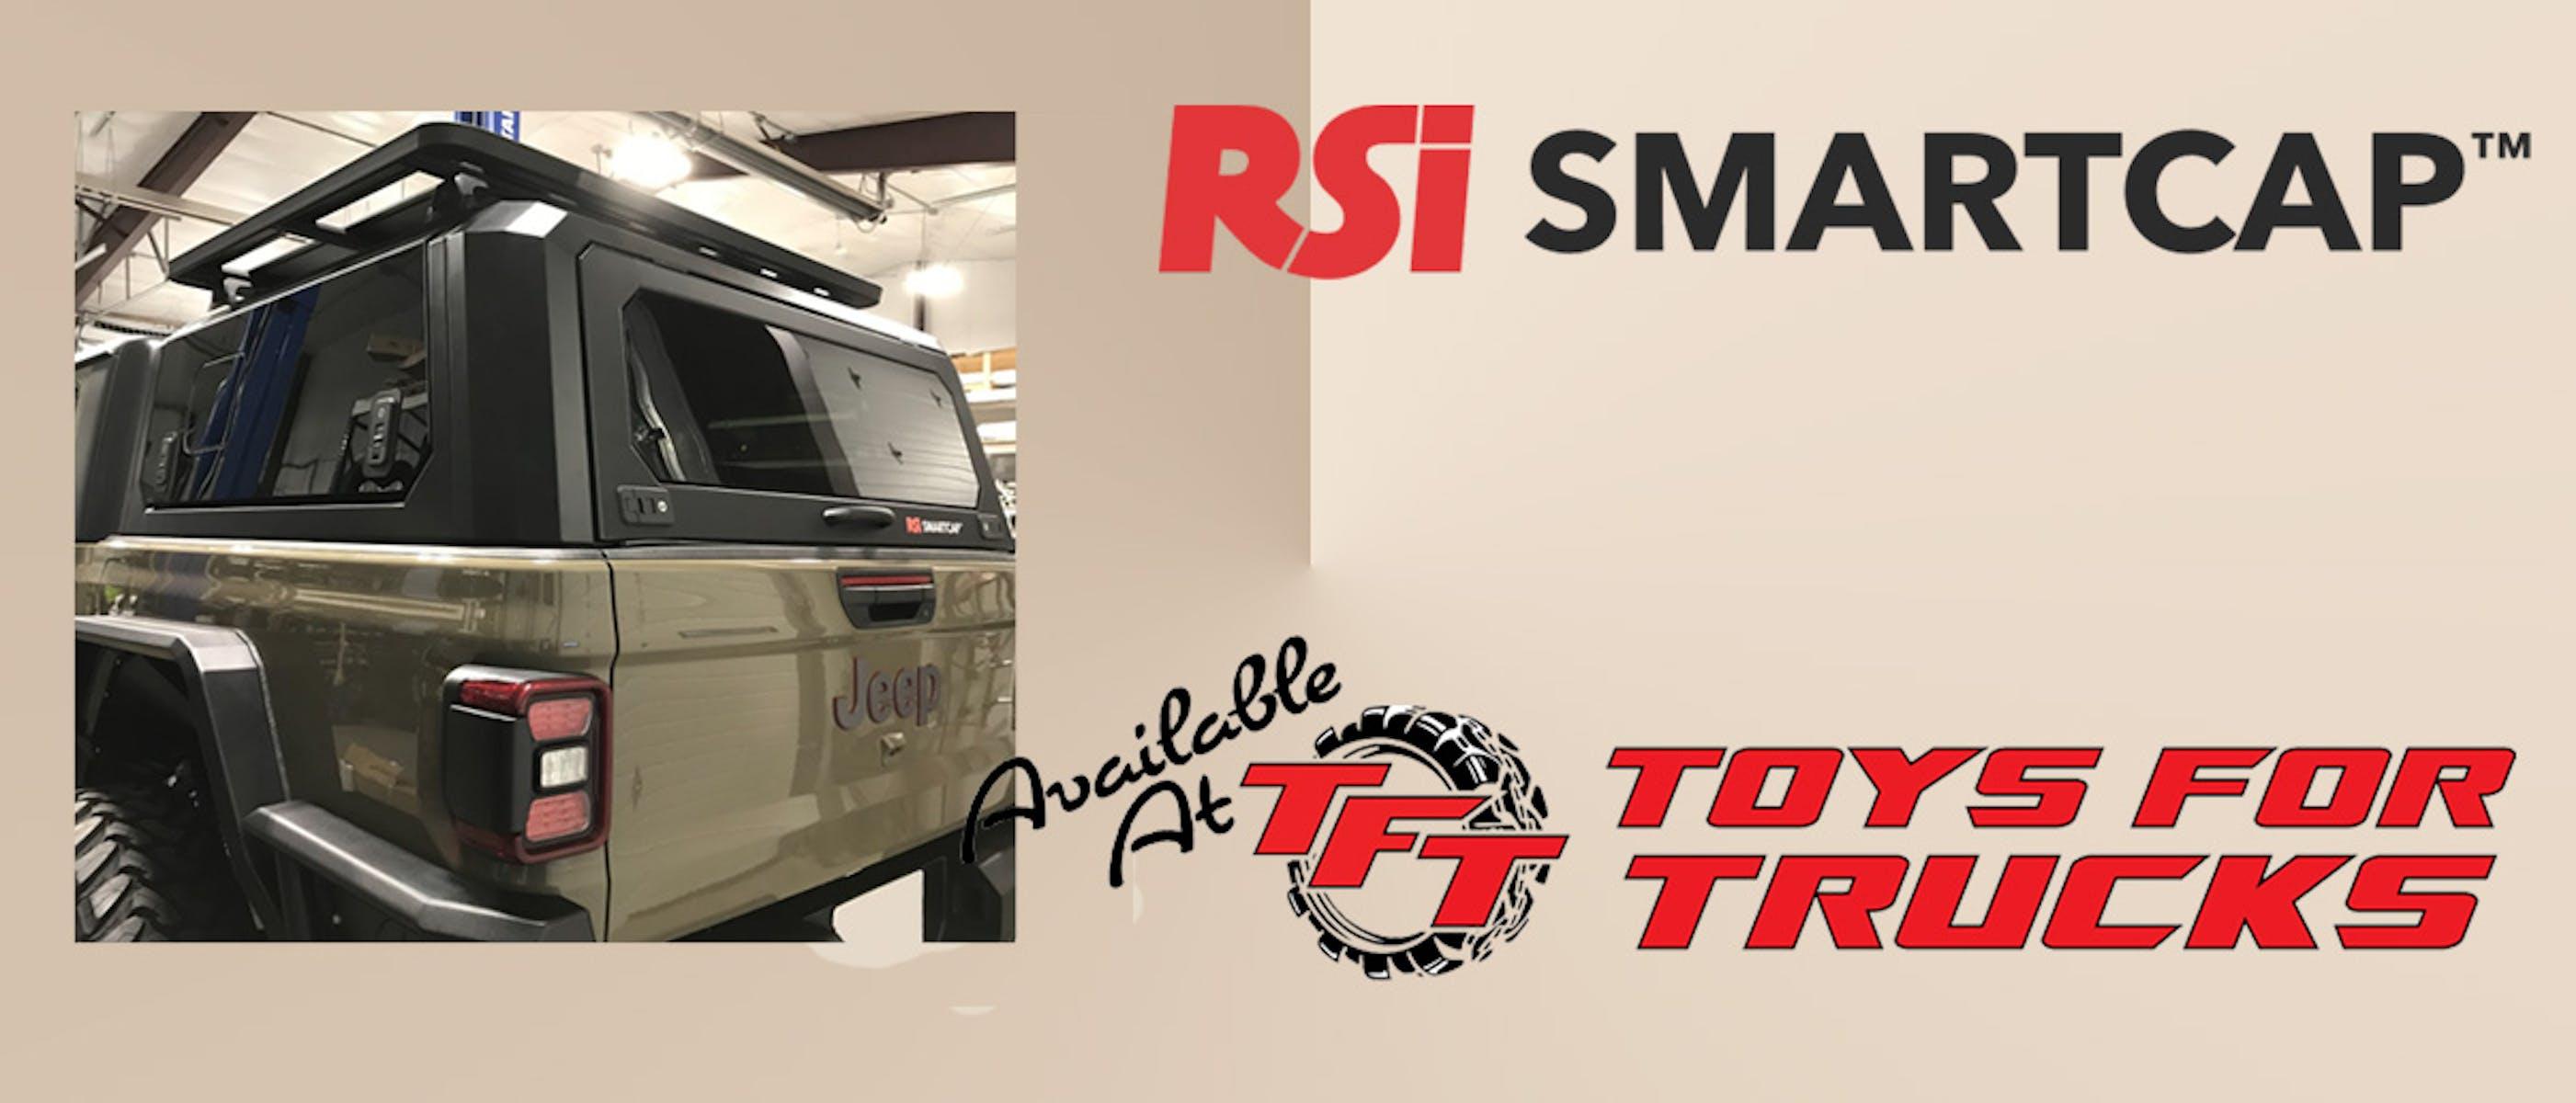 RSI Smartcap